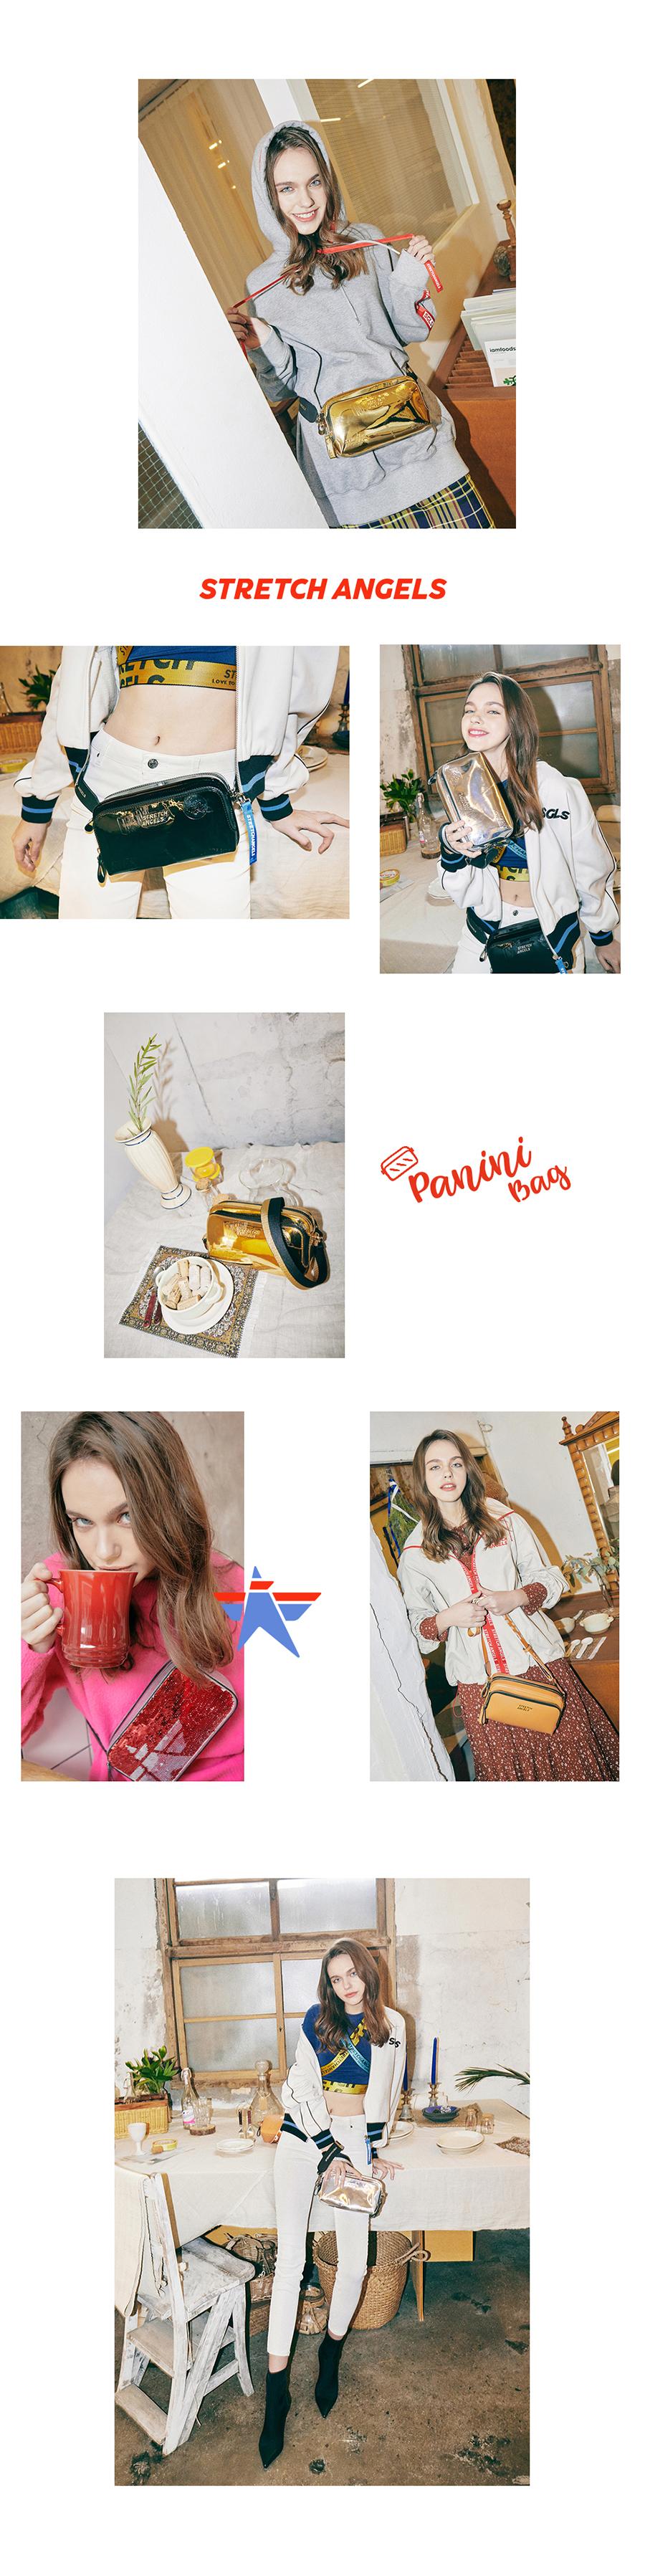 스트레치 엔젤스(STRETCH ANGELS) [파니니백]PANINI mix pattern press bag (Silver)